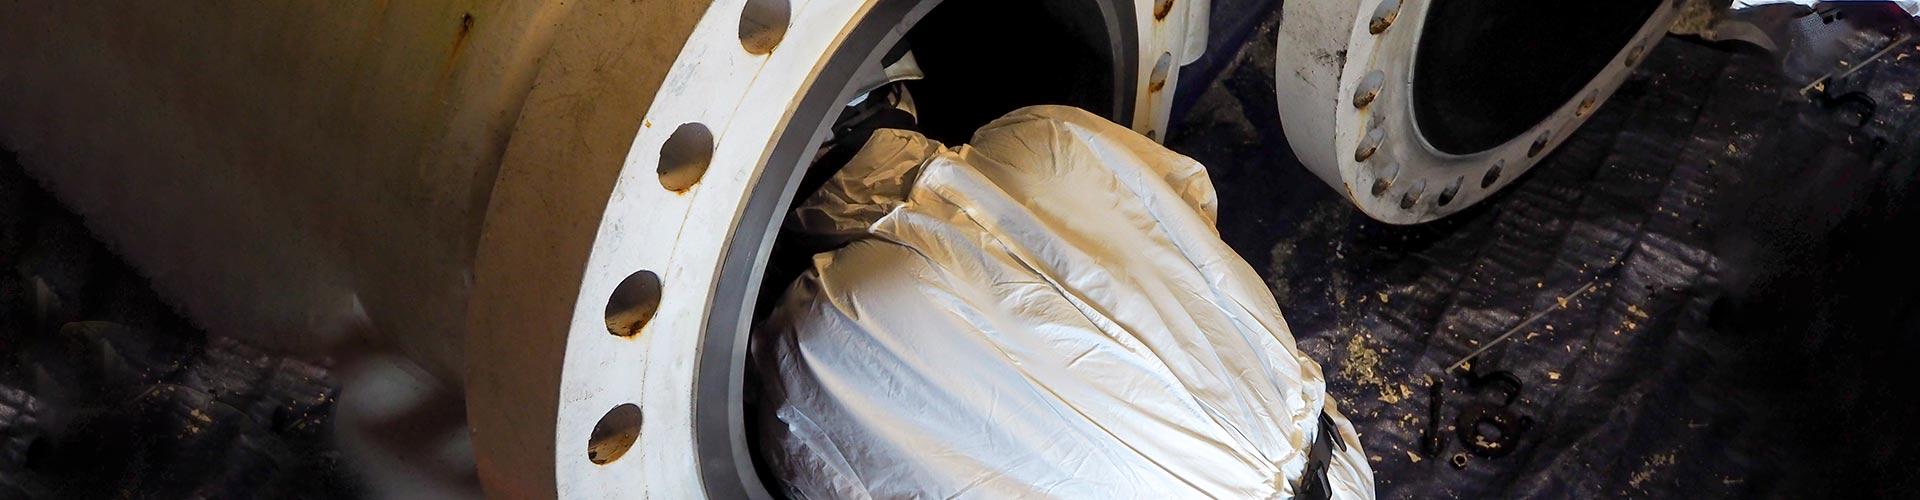 Duas normas que você precisa conhecer para realizar a descontaminação segura de um tanque